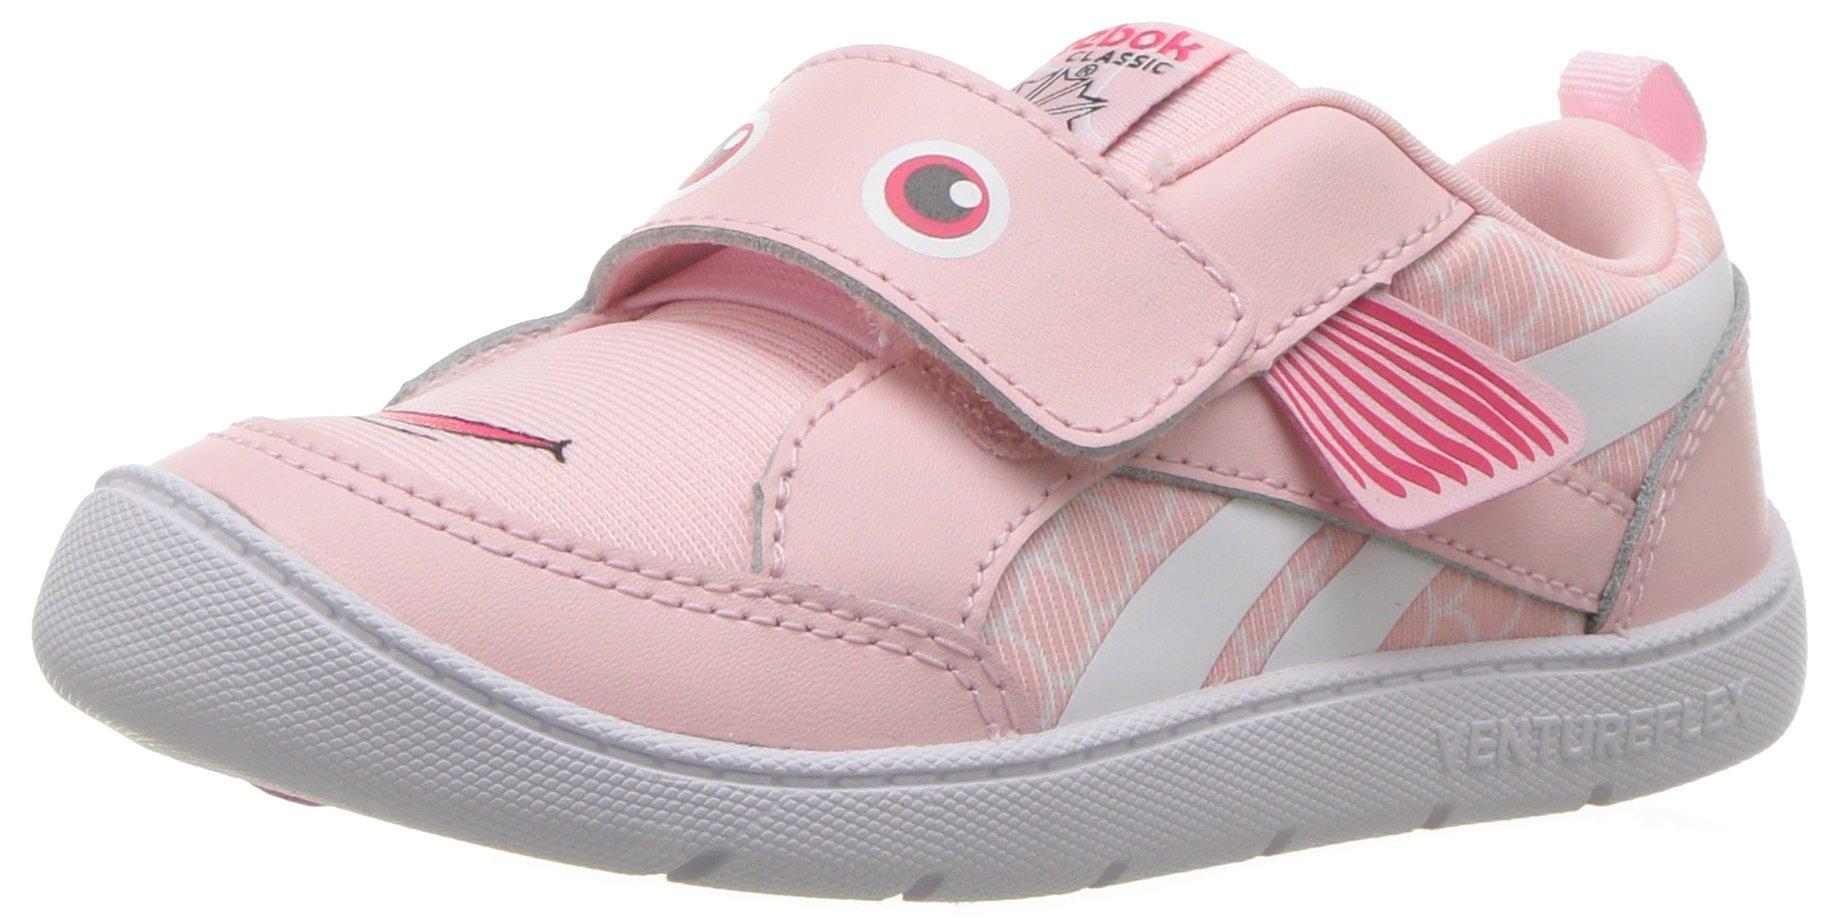 Reebok Baby Ventureflex Chase Ii Sneaker, Fish-Practical Pink/White, 9.5 M US Toddler